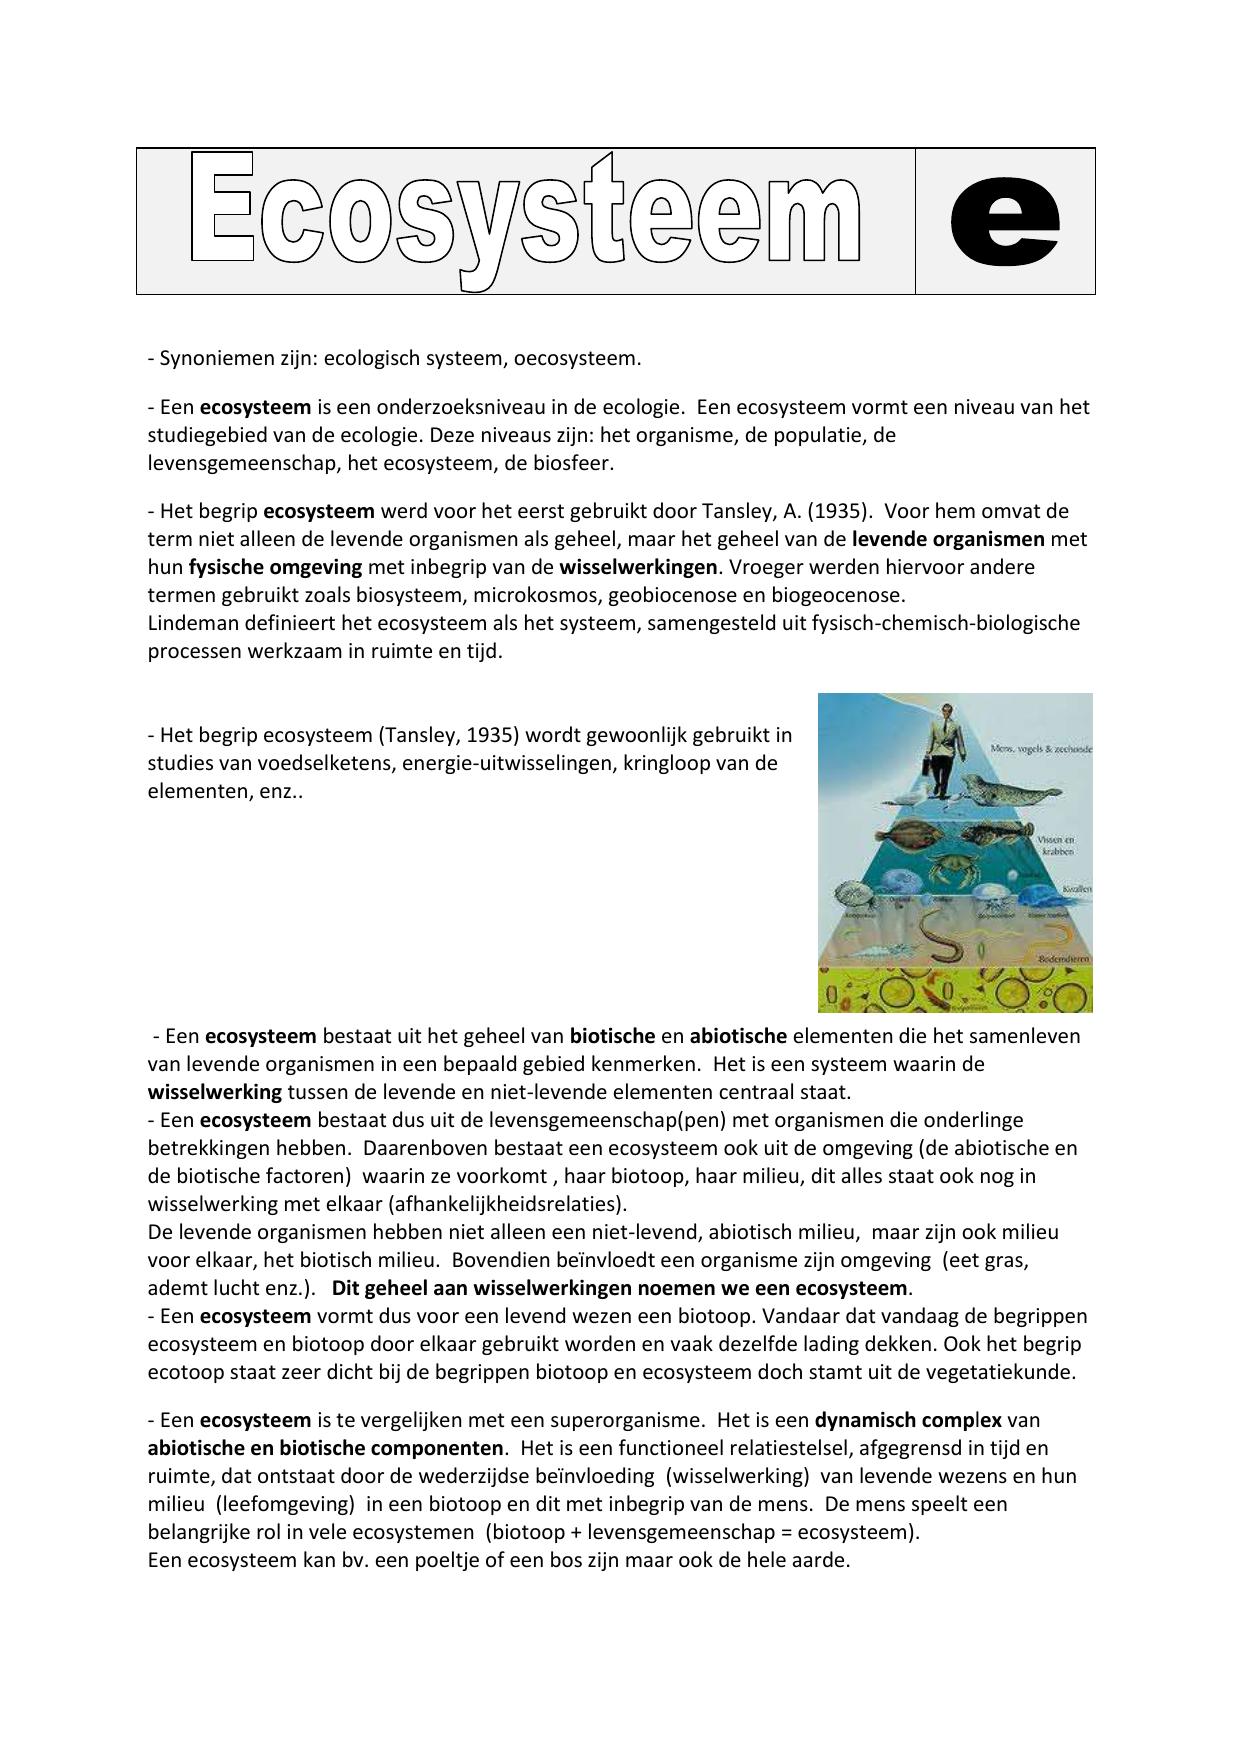 Synoniemen Zijn Ecologisch Systeem Oecosysteem